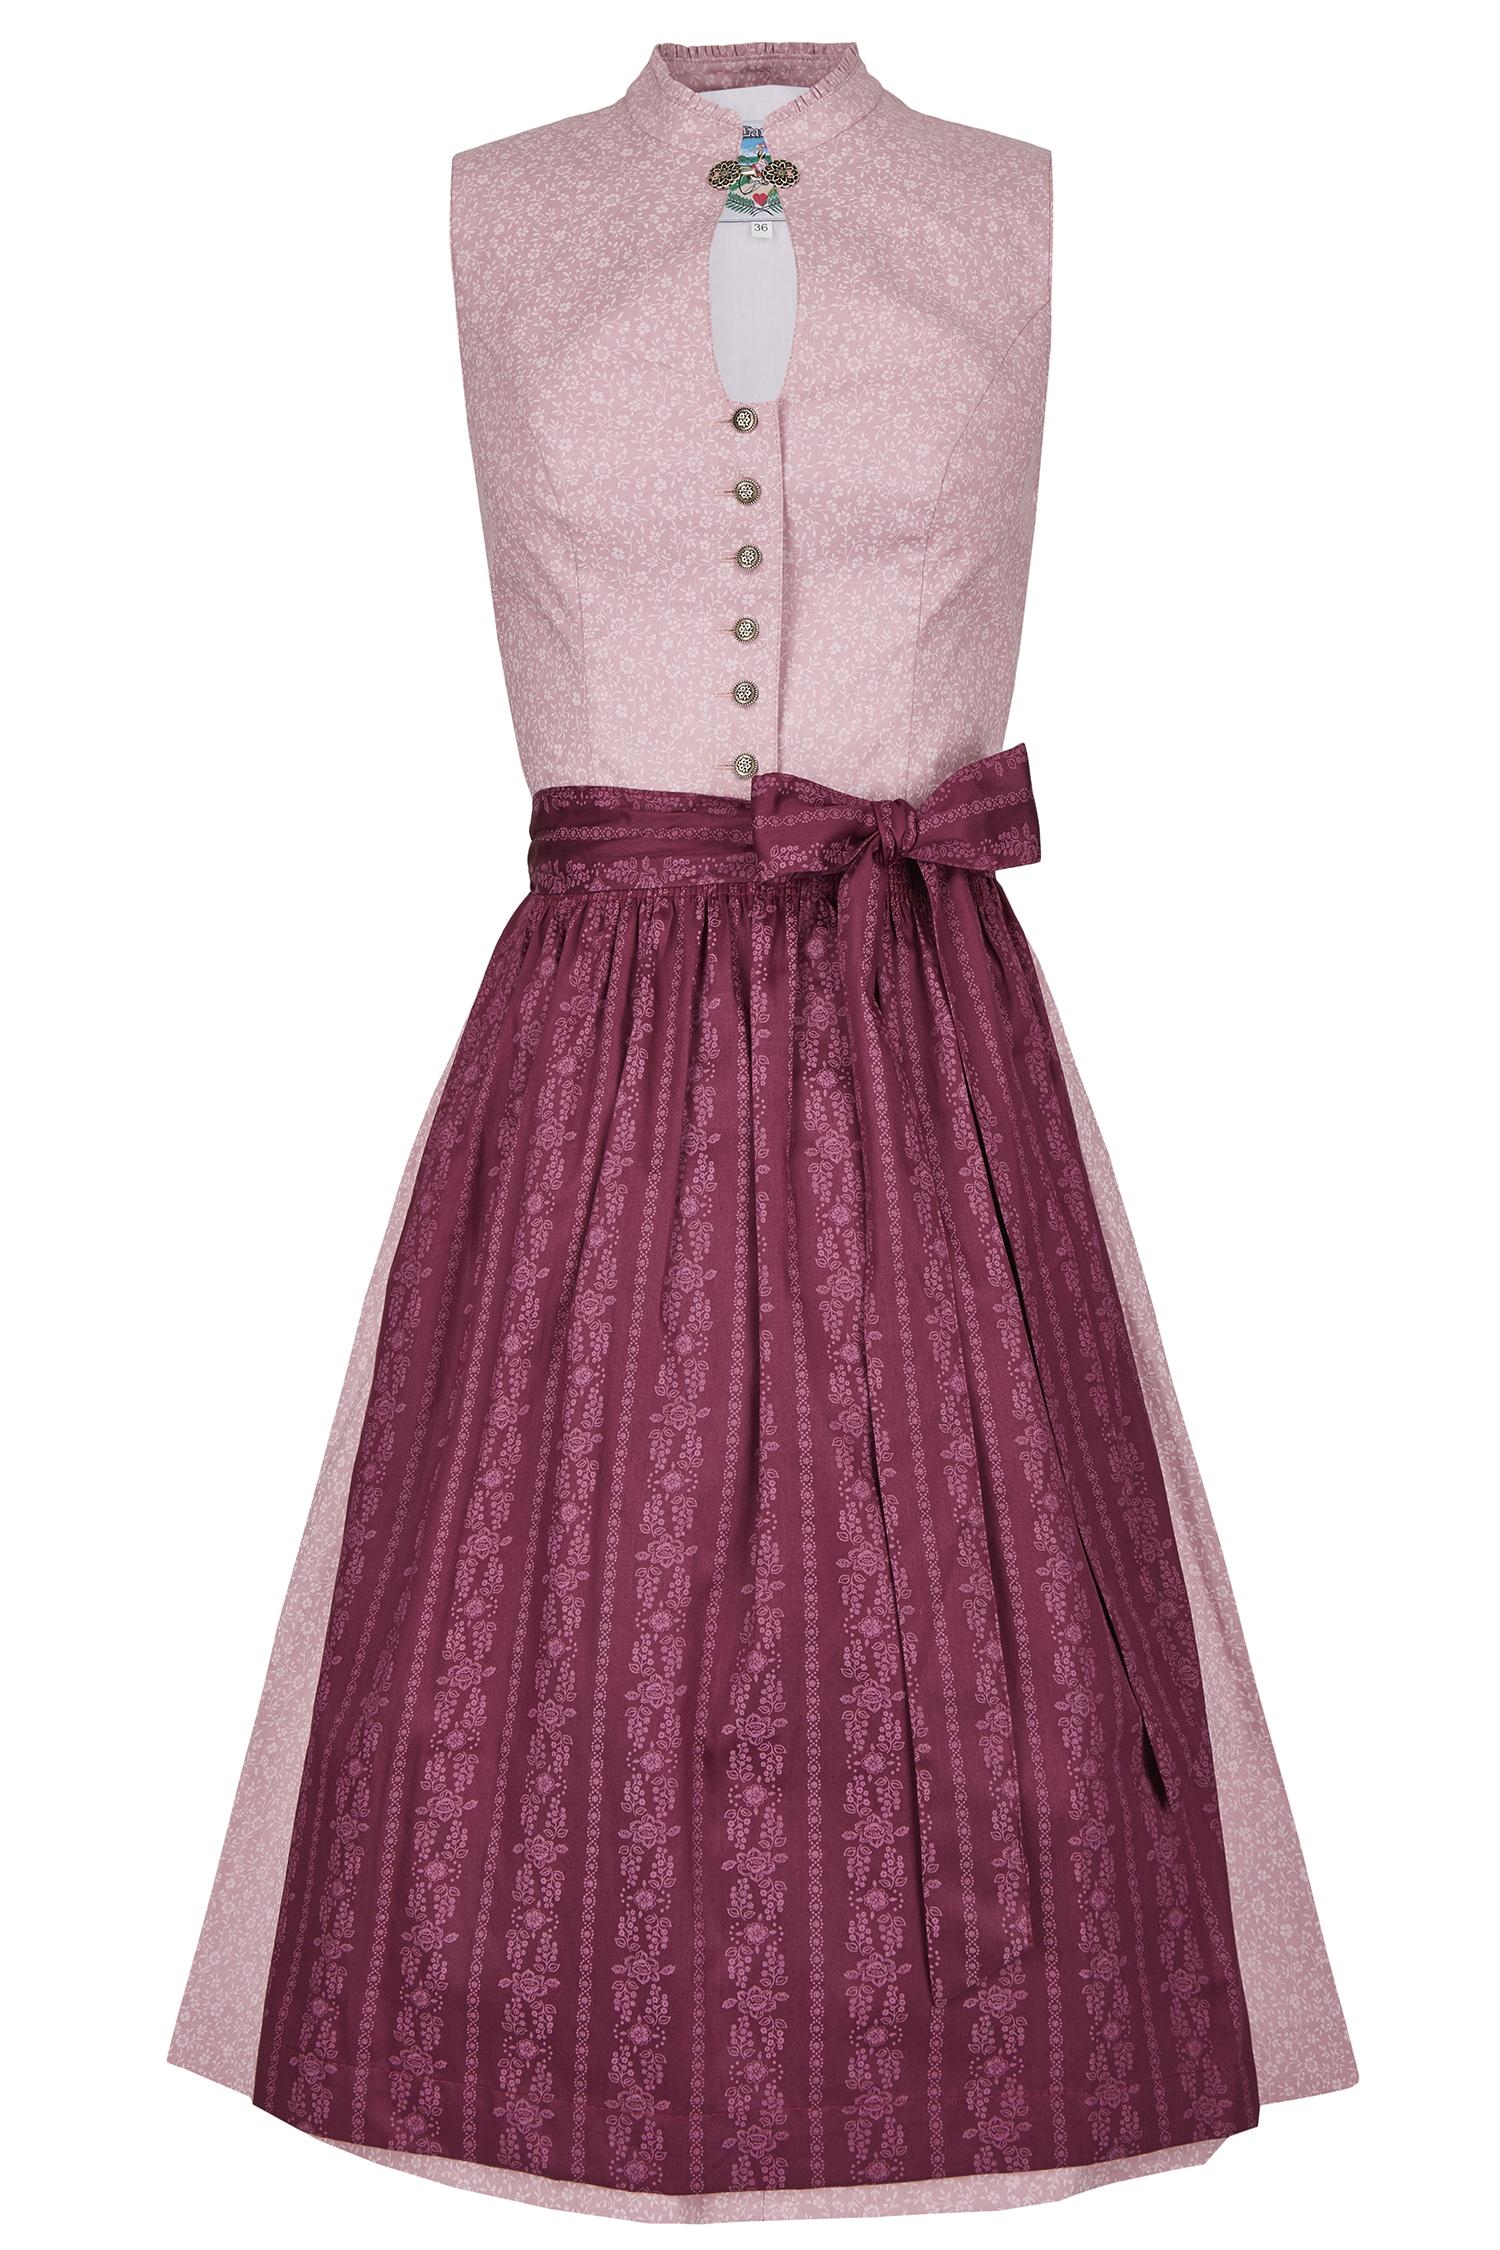 Dirndl Viktoria 46 | 9363 mauve rosa